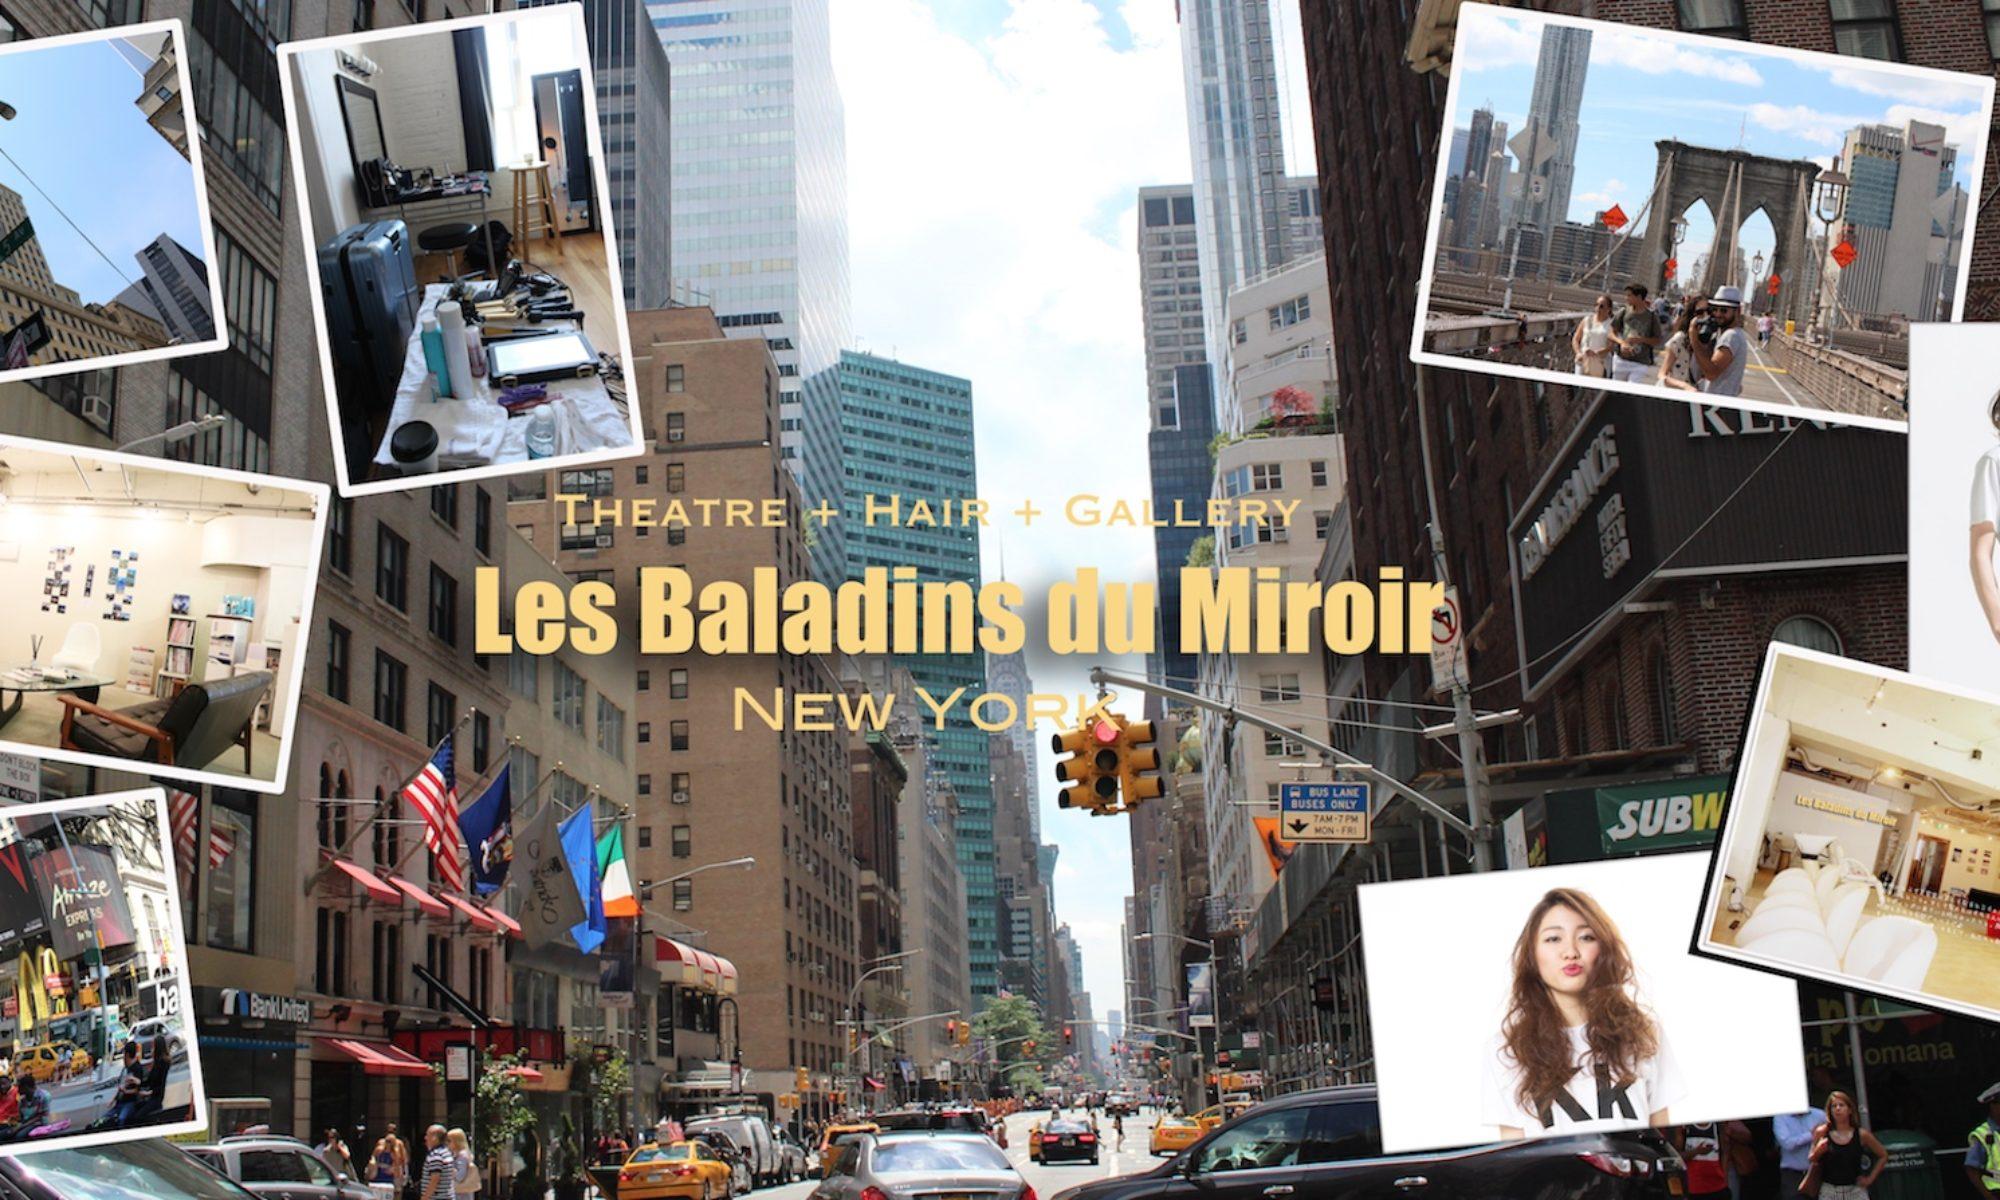 横浜駅 美容室/美容院/ヘアサロン/ Les Baladins du Miroir@official バラディンズ オフィシャル